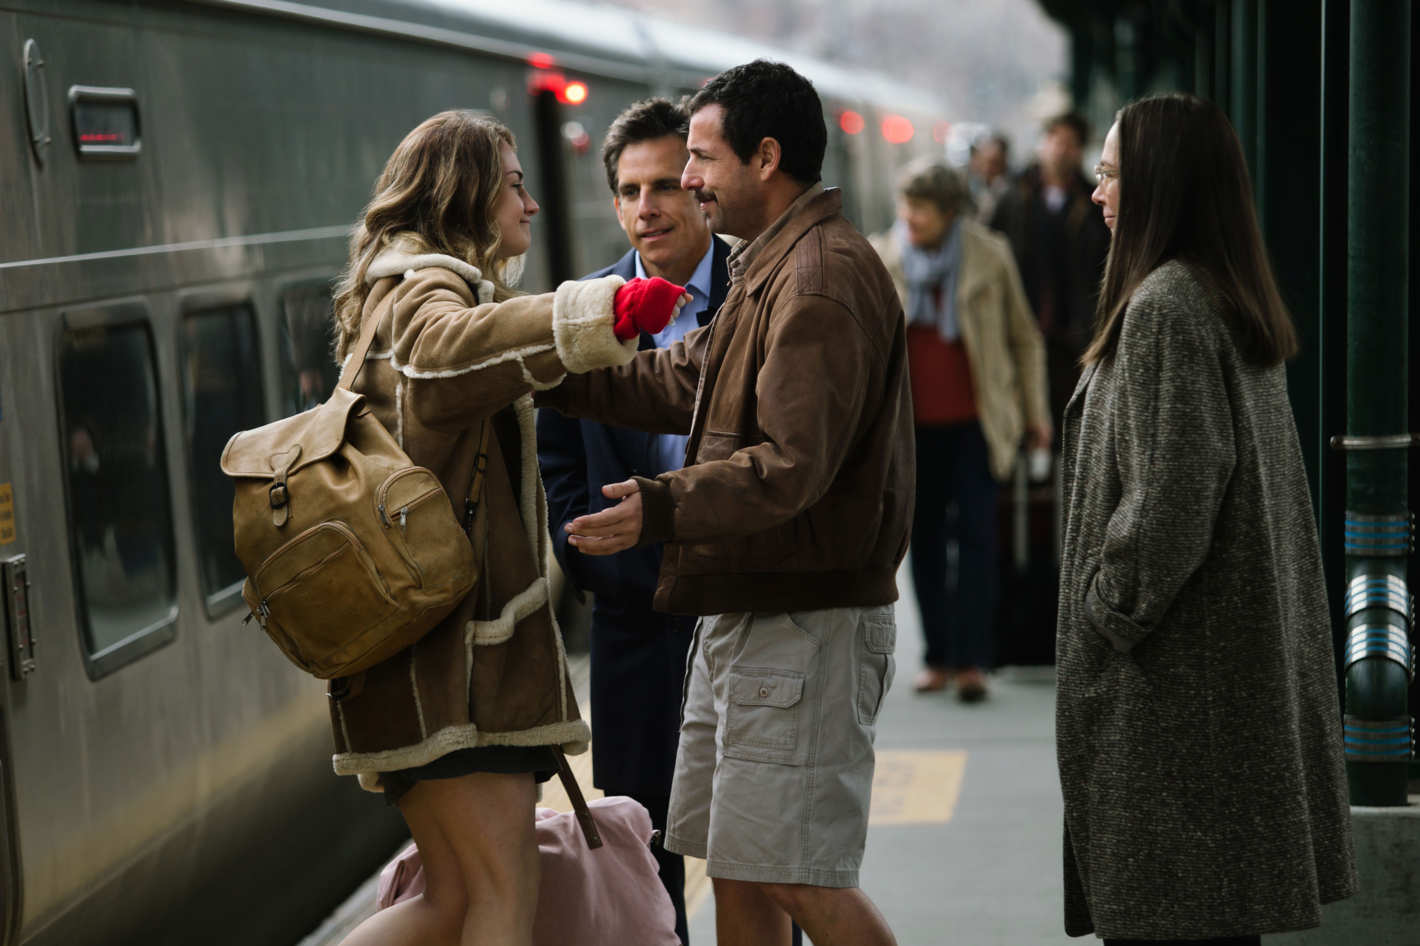 Mira el tráiler de la próxima película de Adam Sandler y Ben Stiller